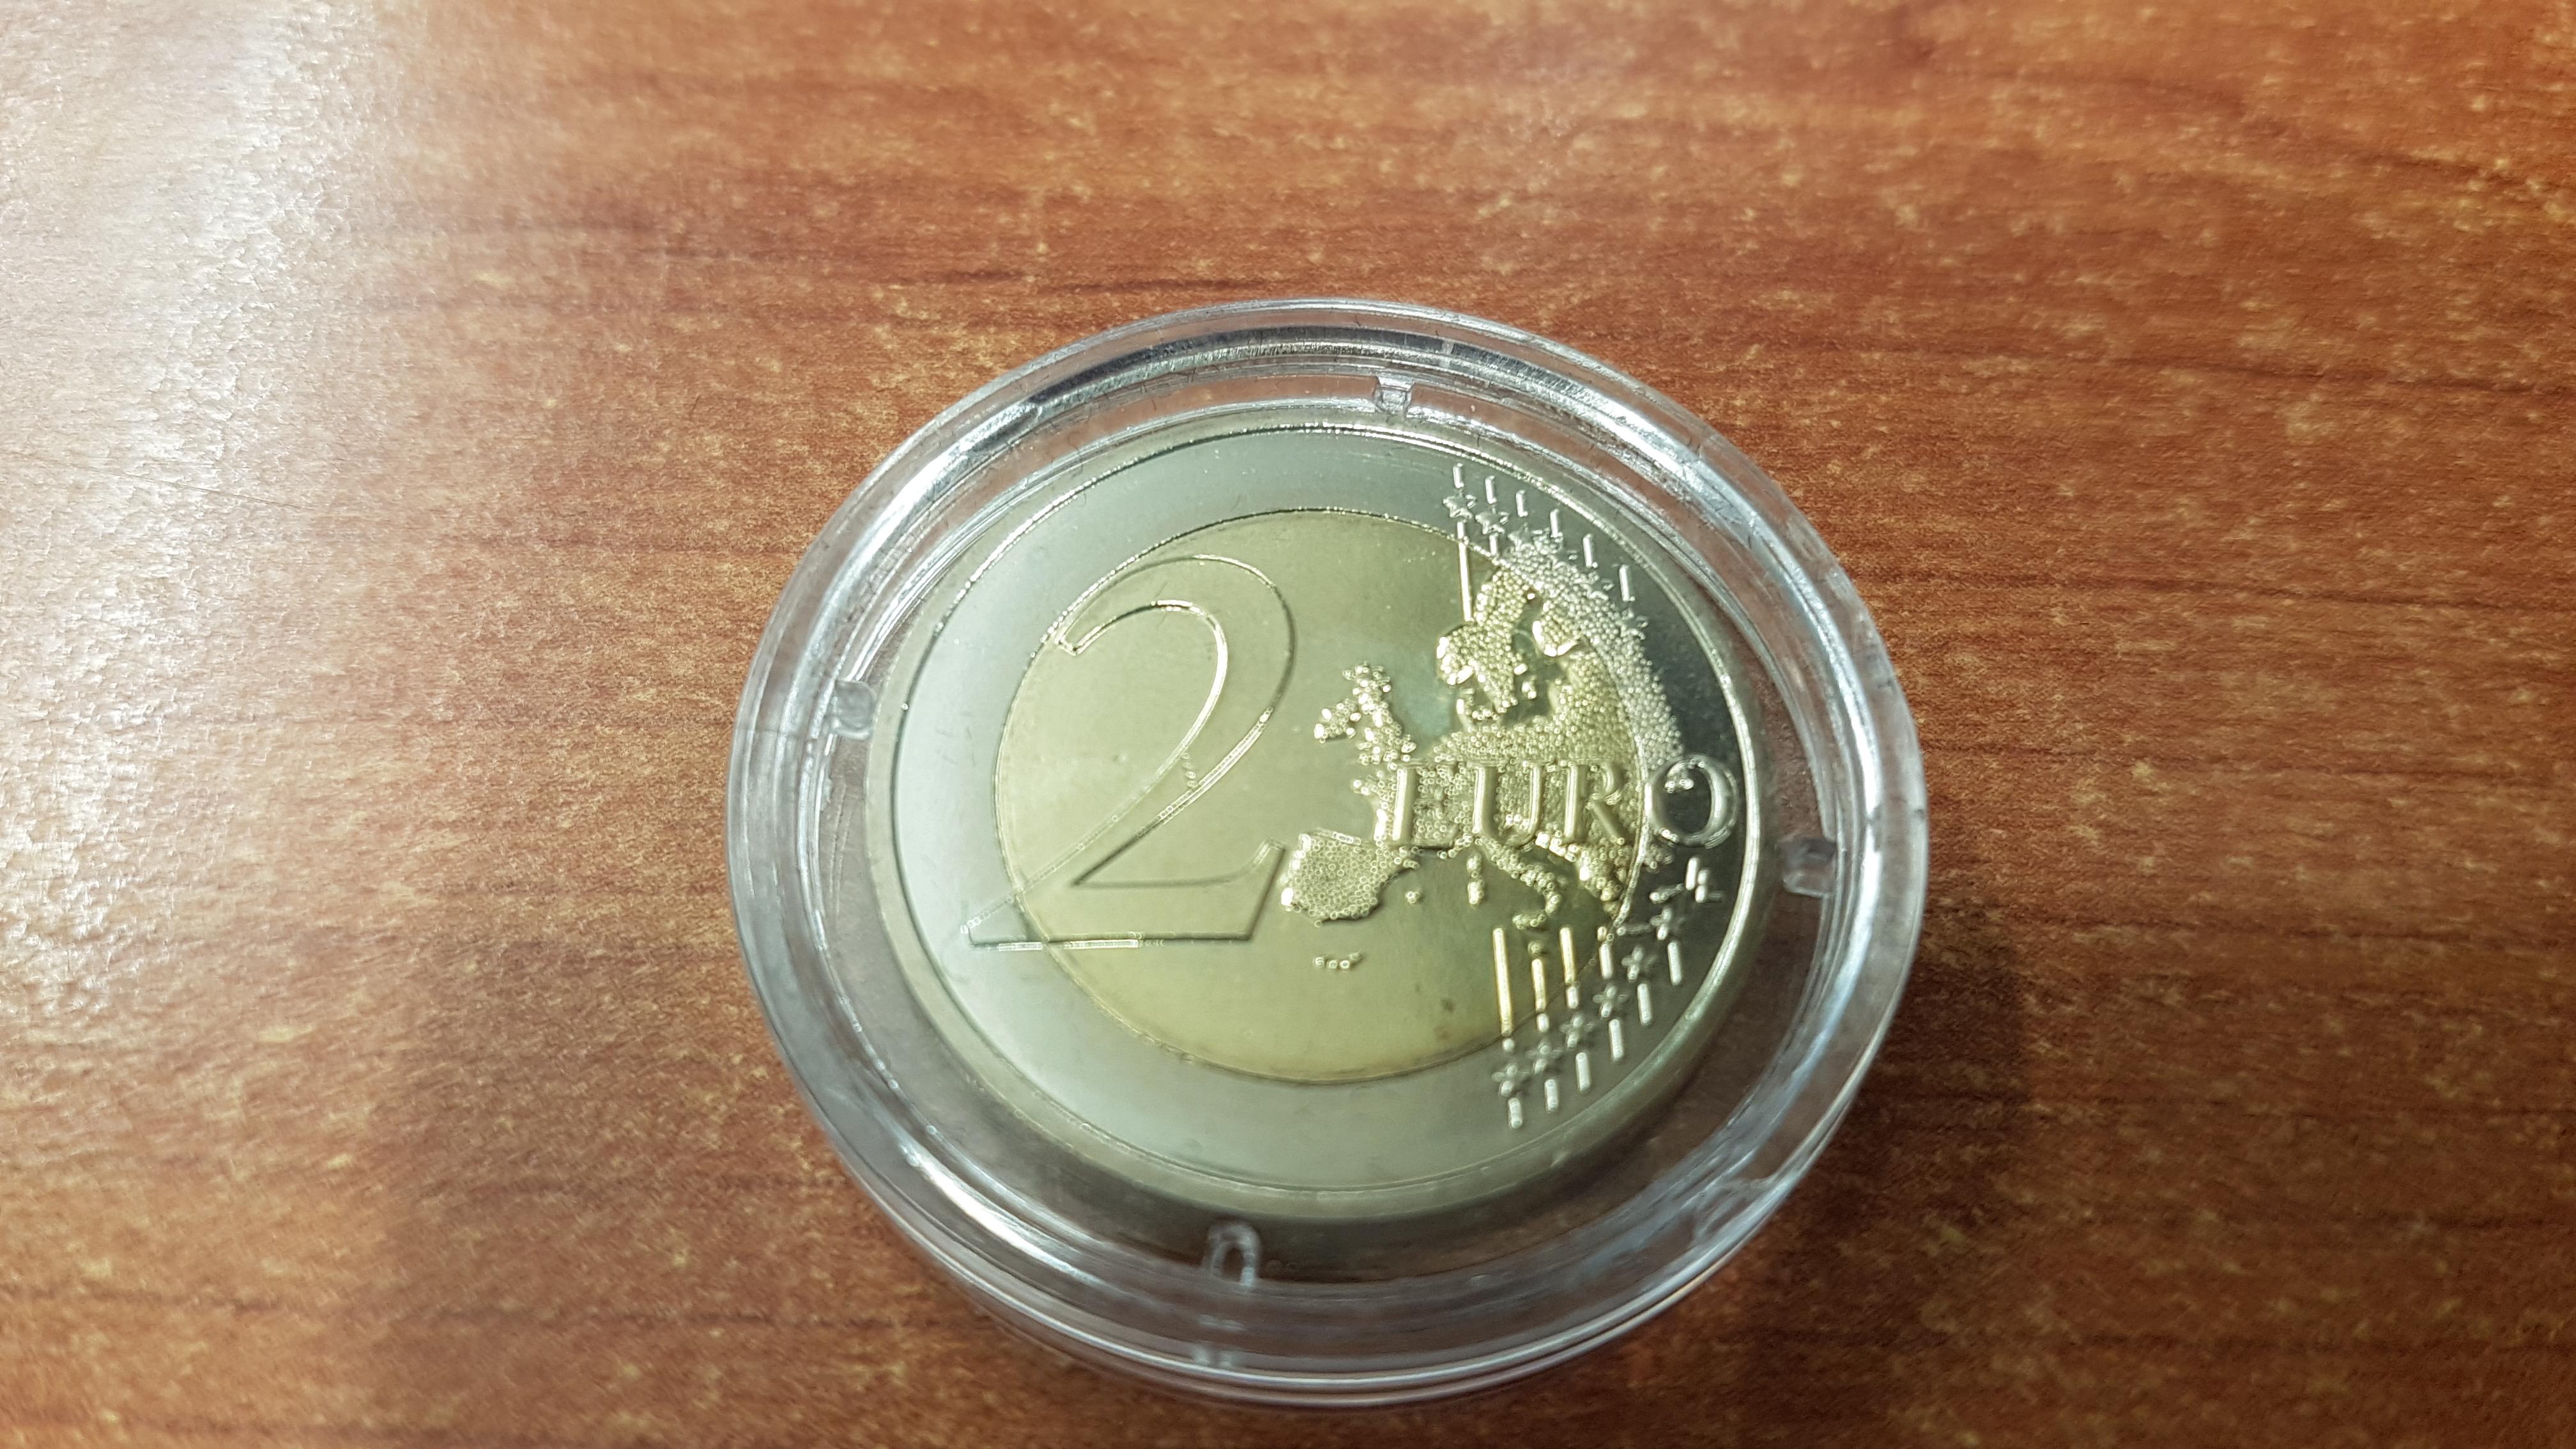 Monaco Top Rarität 2 Euro Münze Grace Kelly 2007 Im Original Etui